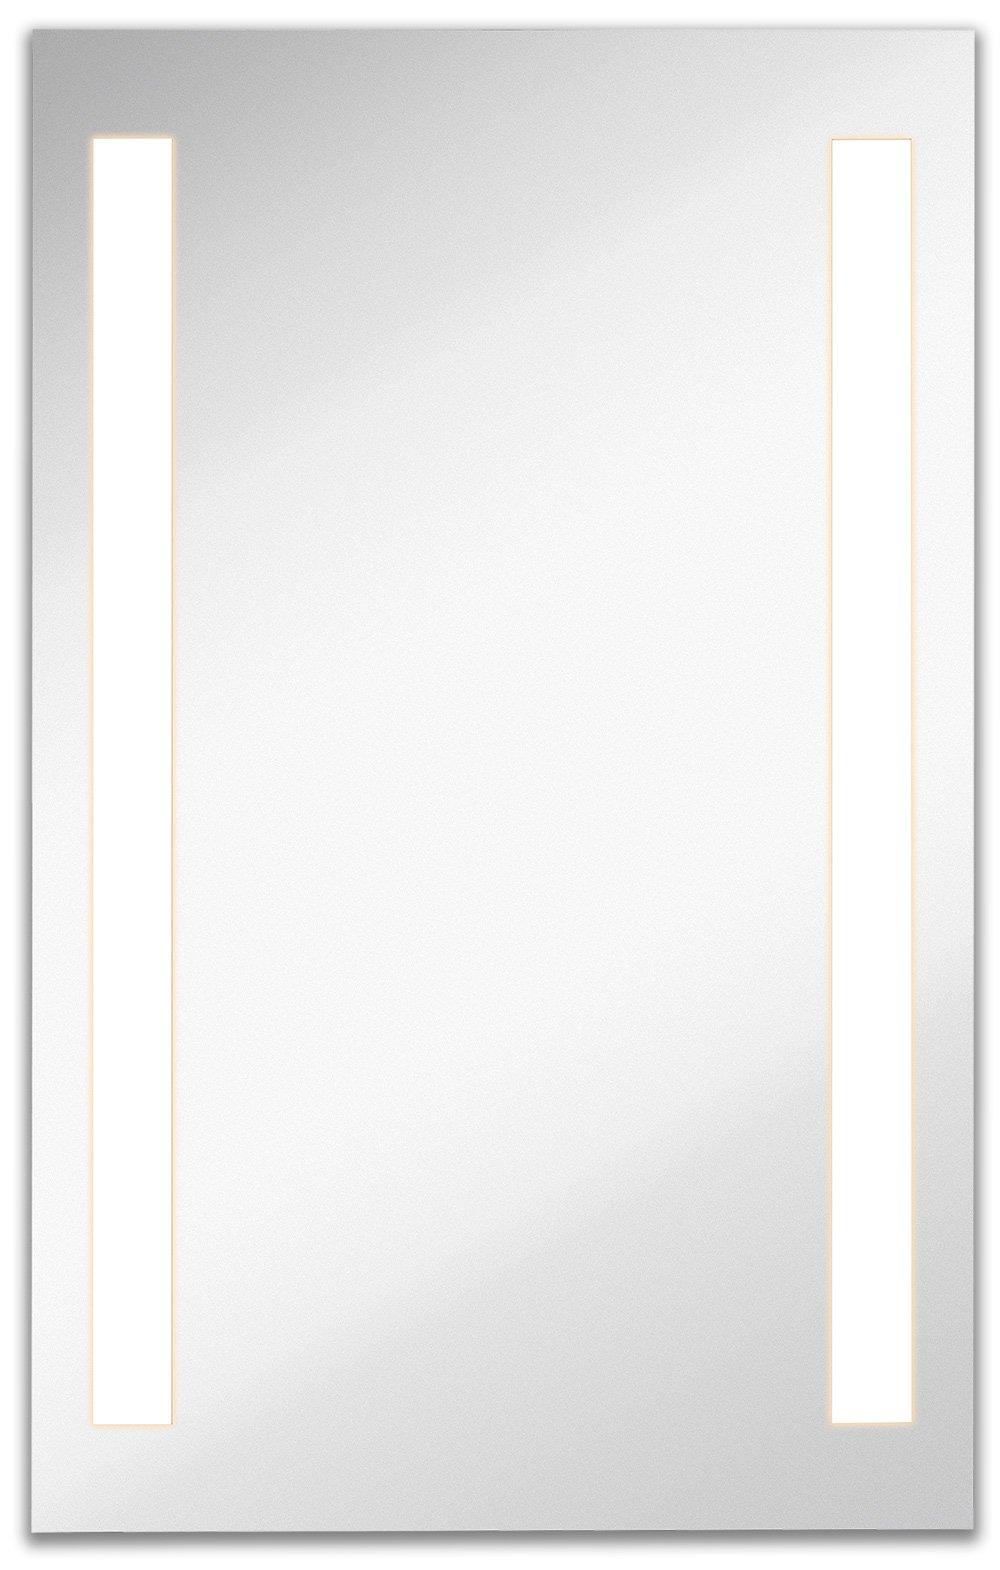 Cheap Illuminated Bathroom Mirrors: Wall Decorating Mirrors: Amazon.com